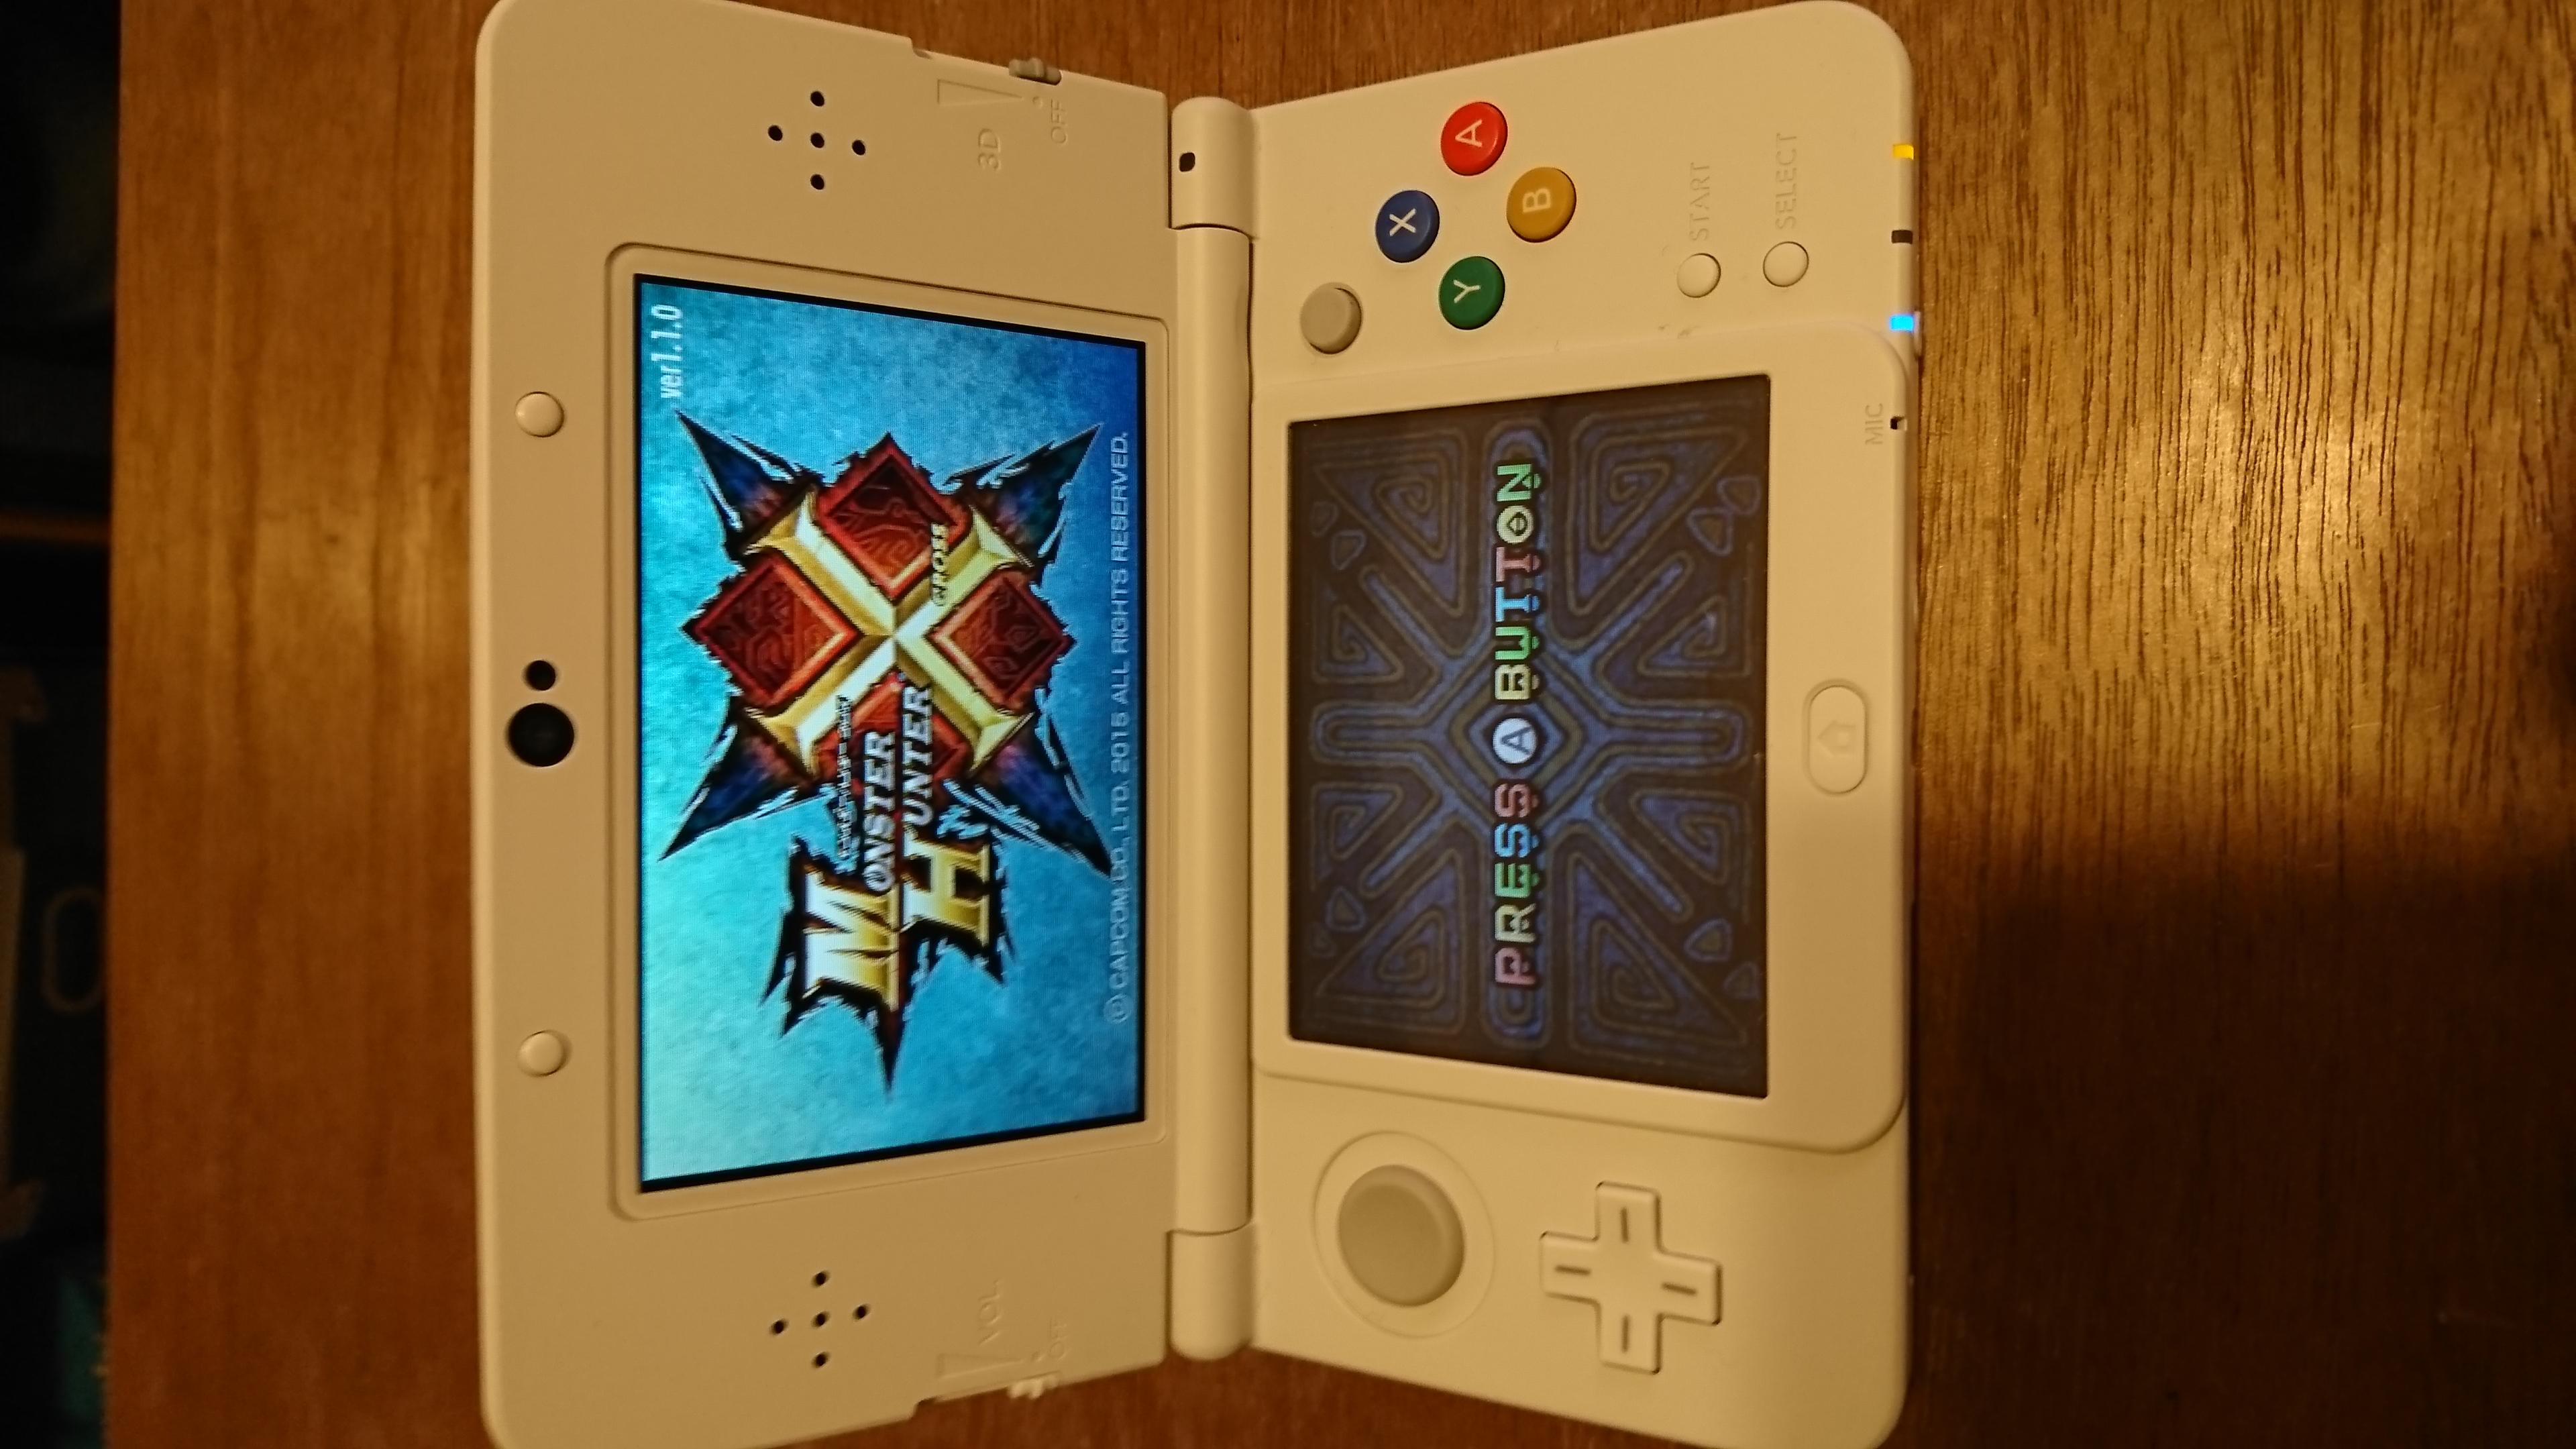 New ニンテンドー 3DS 本体白 モンハンクロス モンスト 充電アダプタ